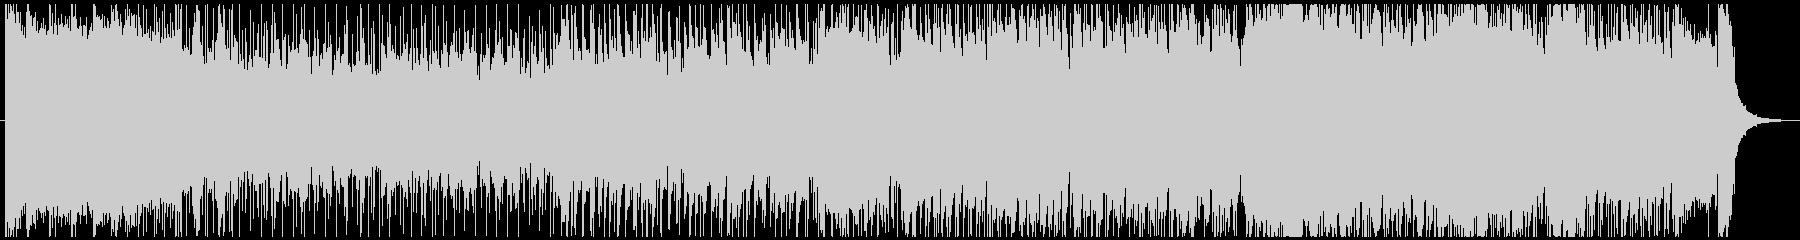 アニメやゲームのOP風 キャッチーな曲の未再生の波形